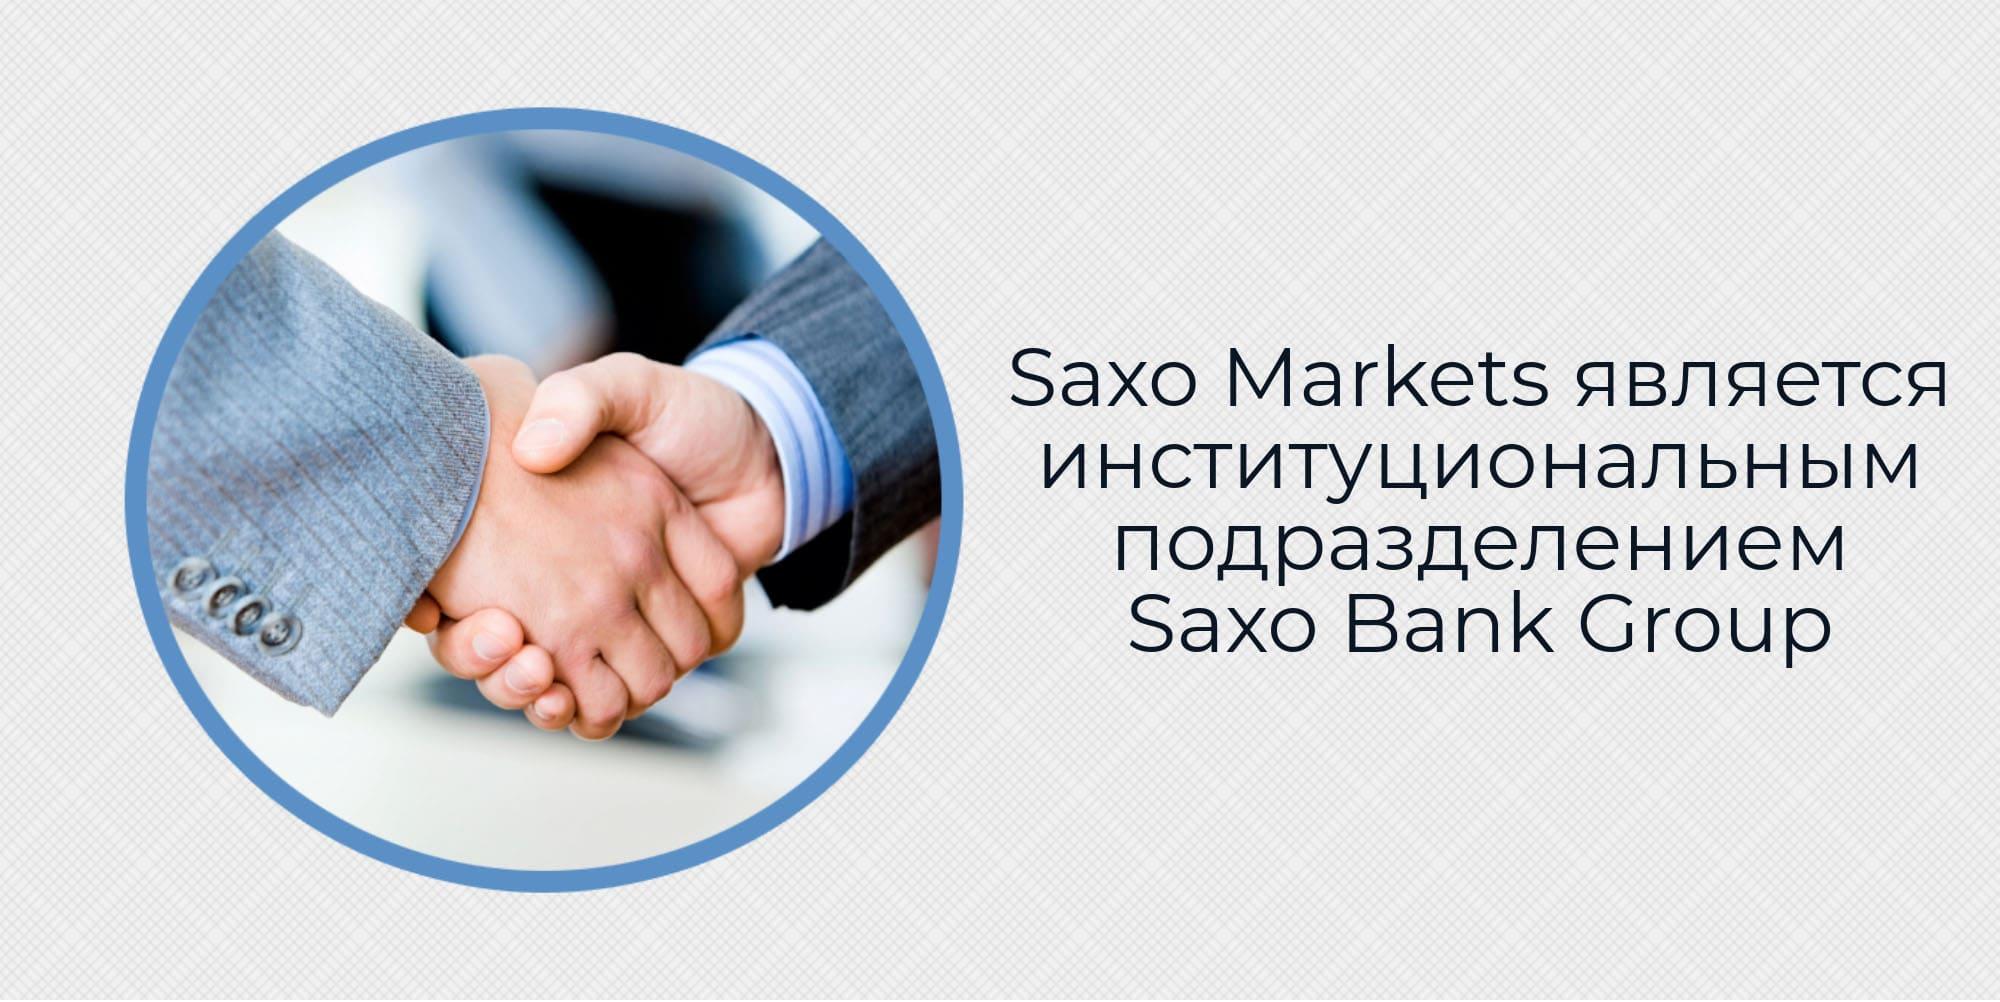 Saxo Markets